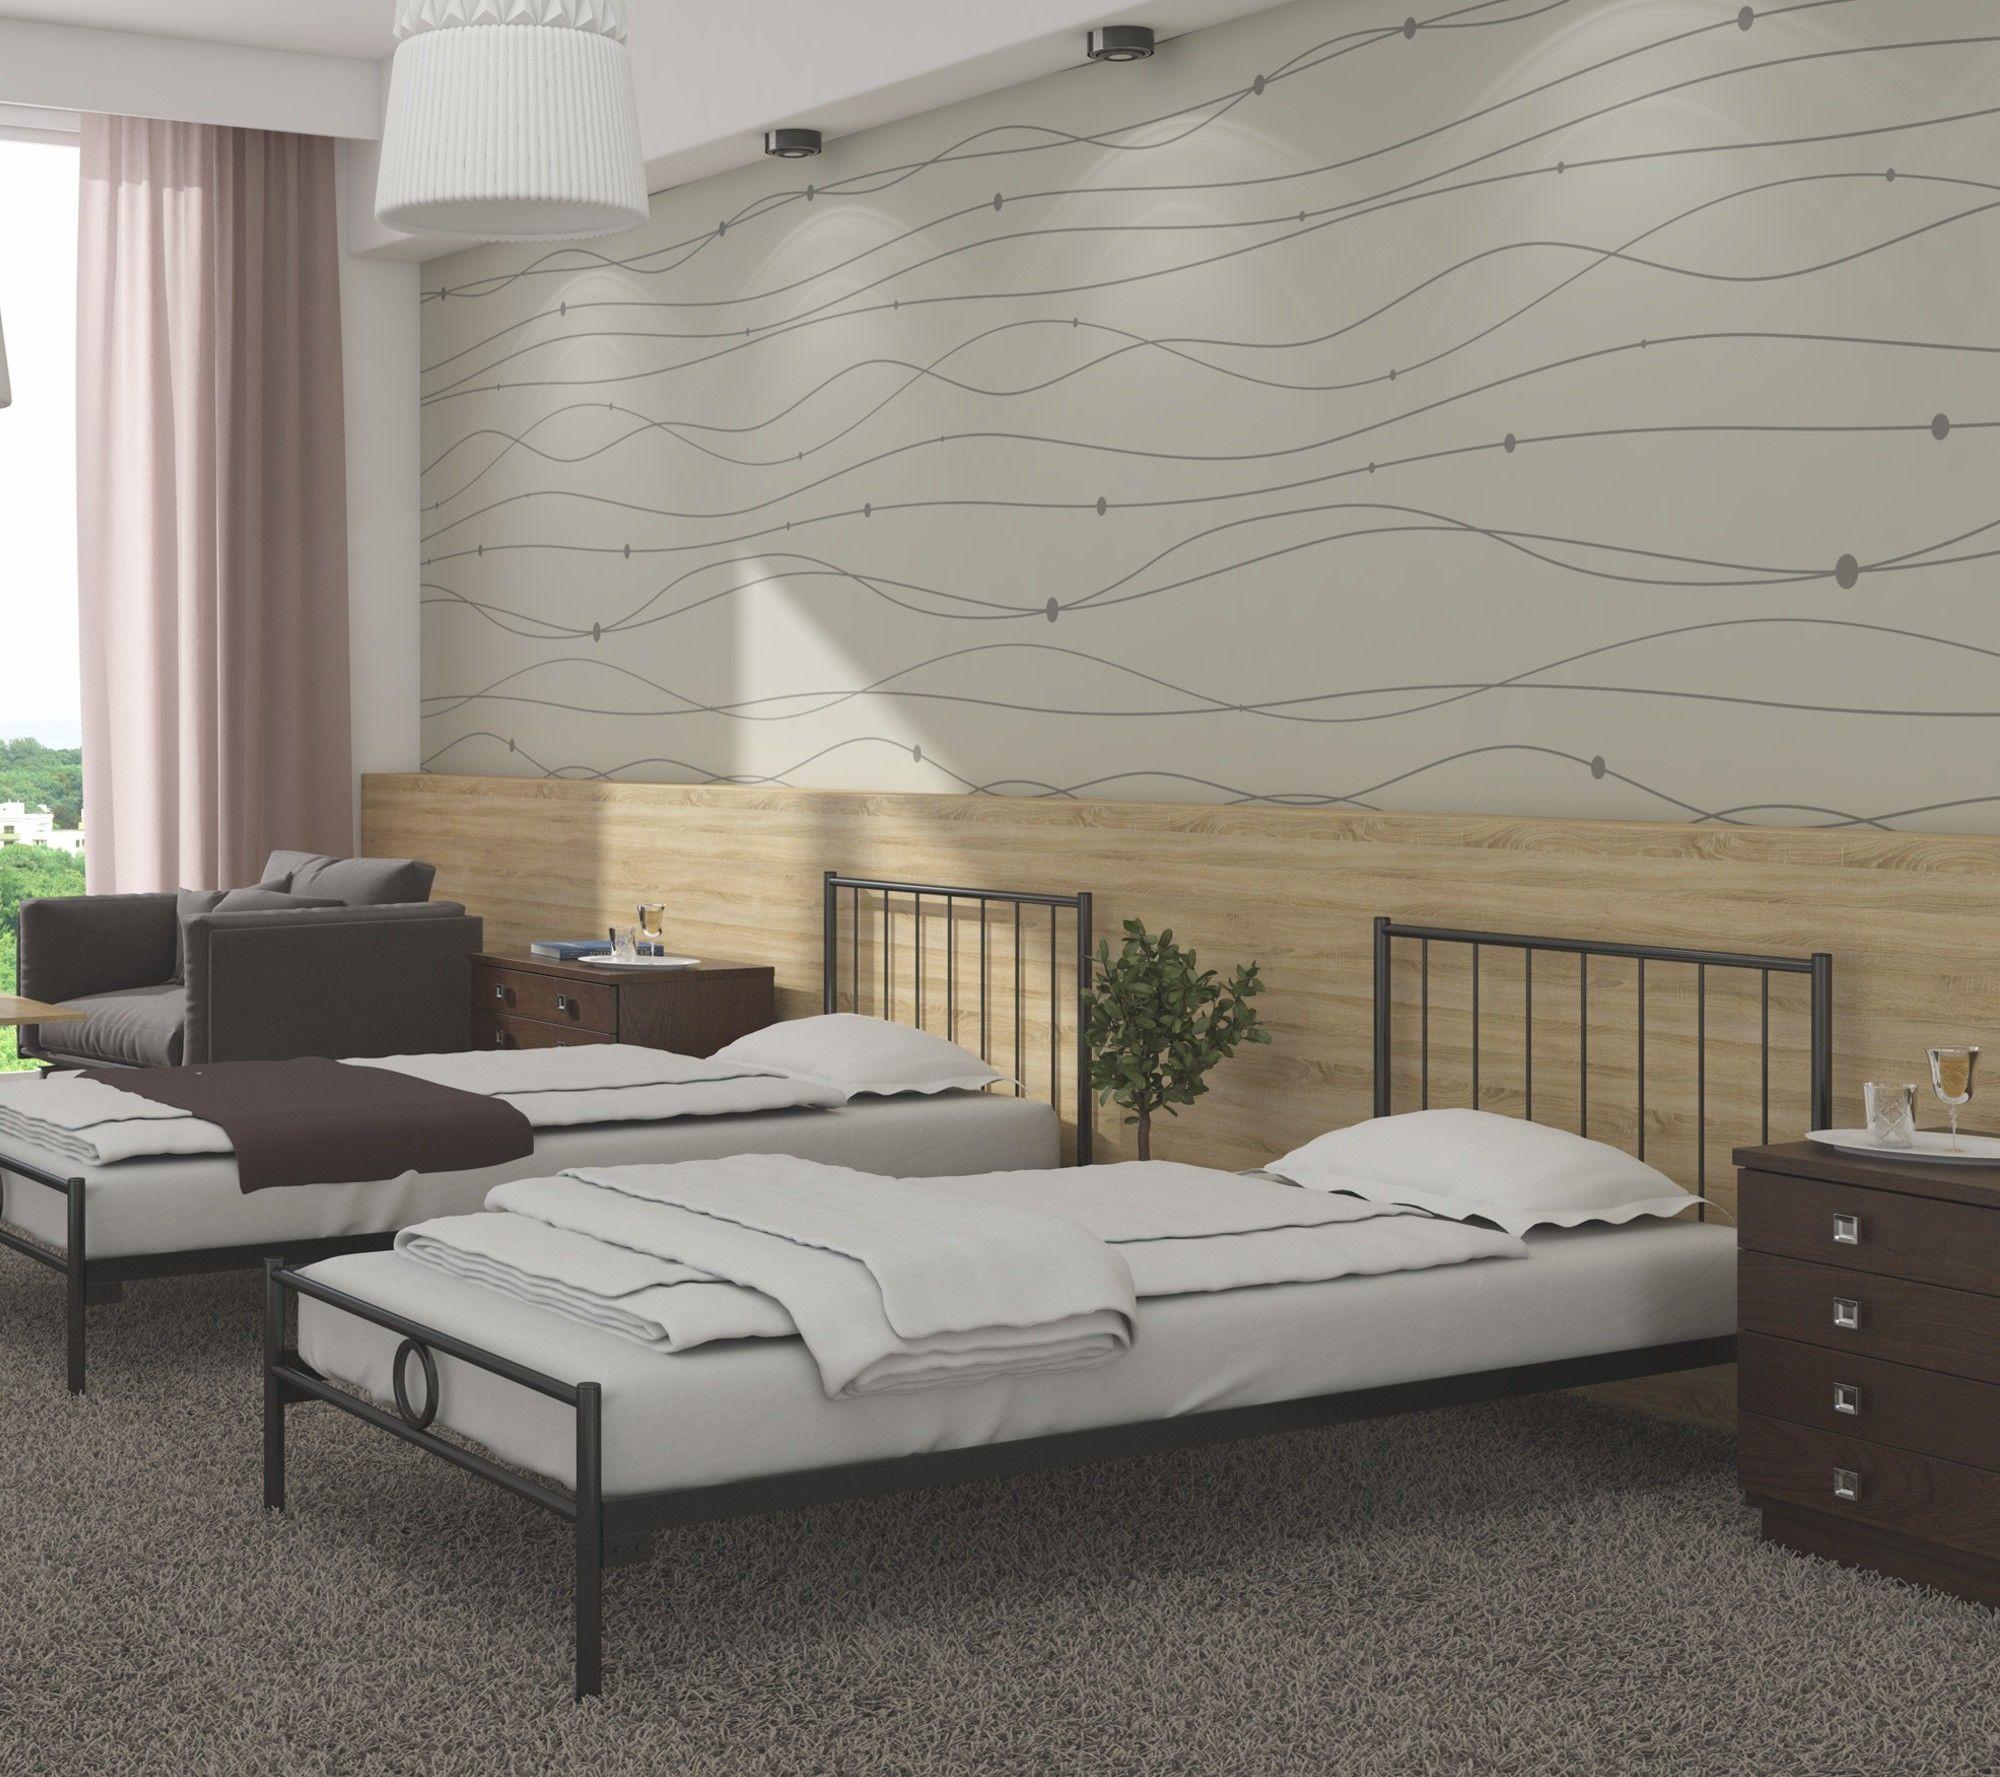 łóżko metalowe 80x190 wzór 3J ze stelażem pod materac